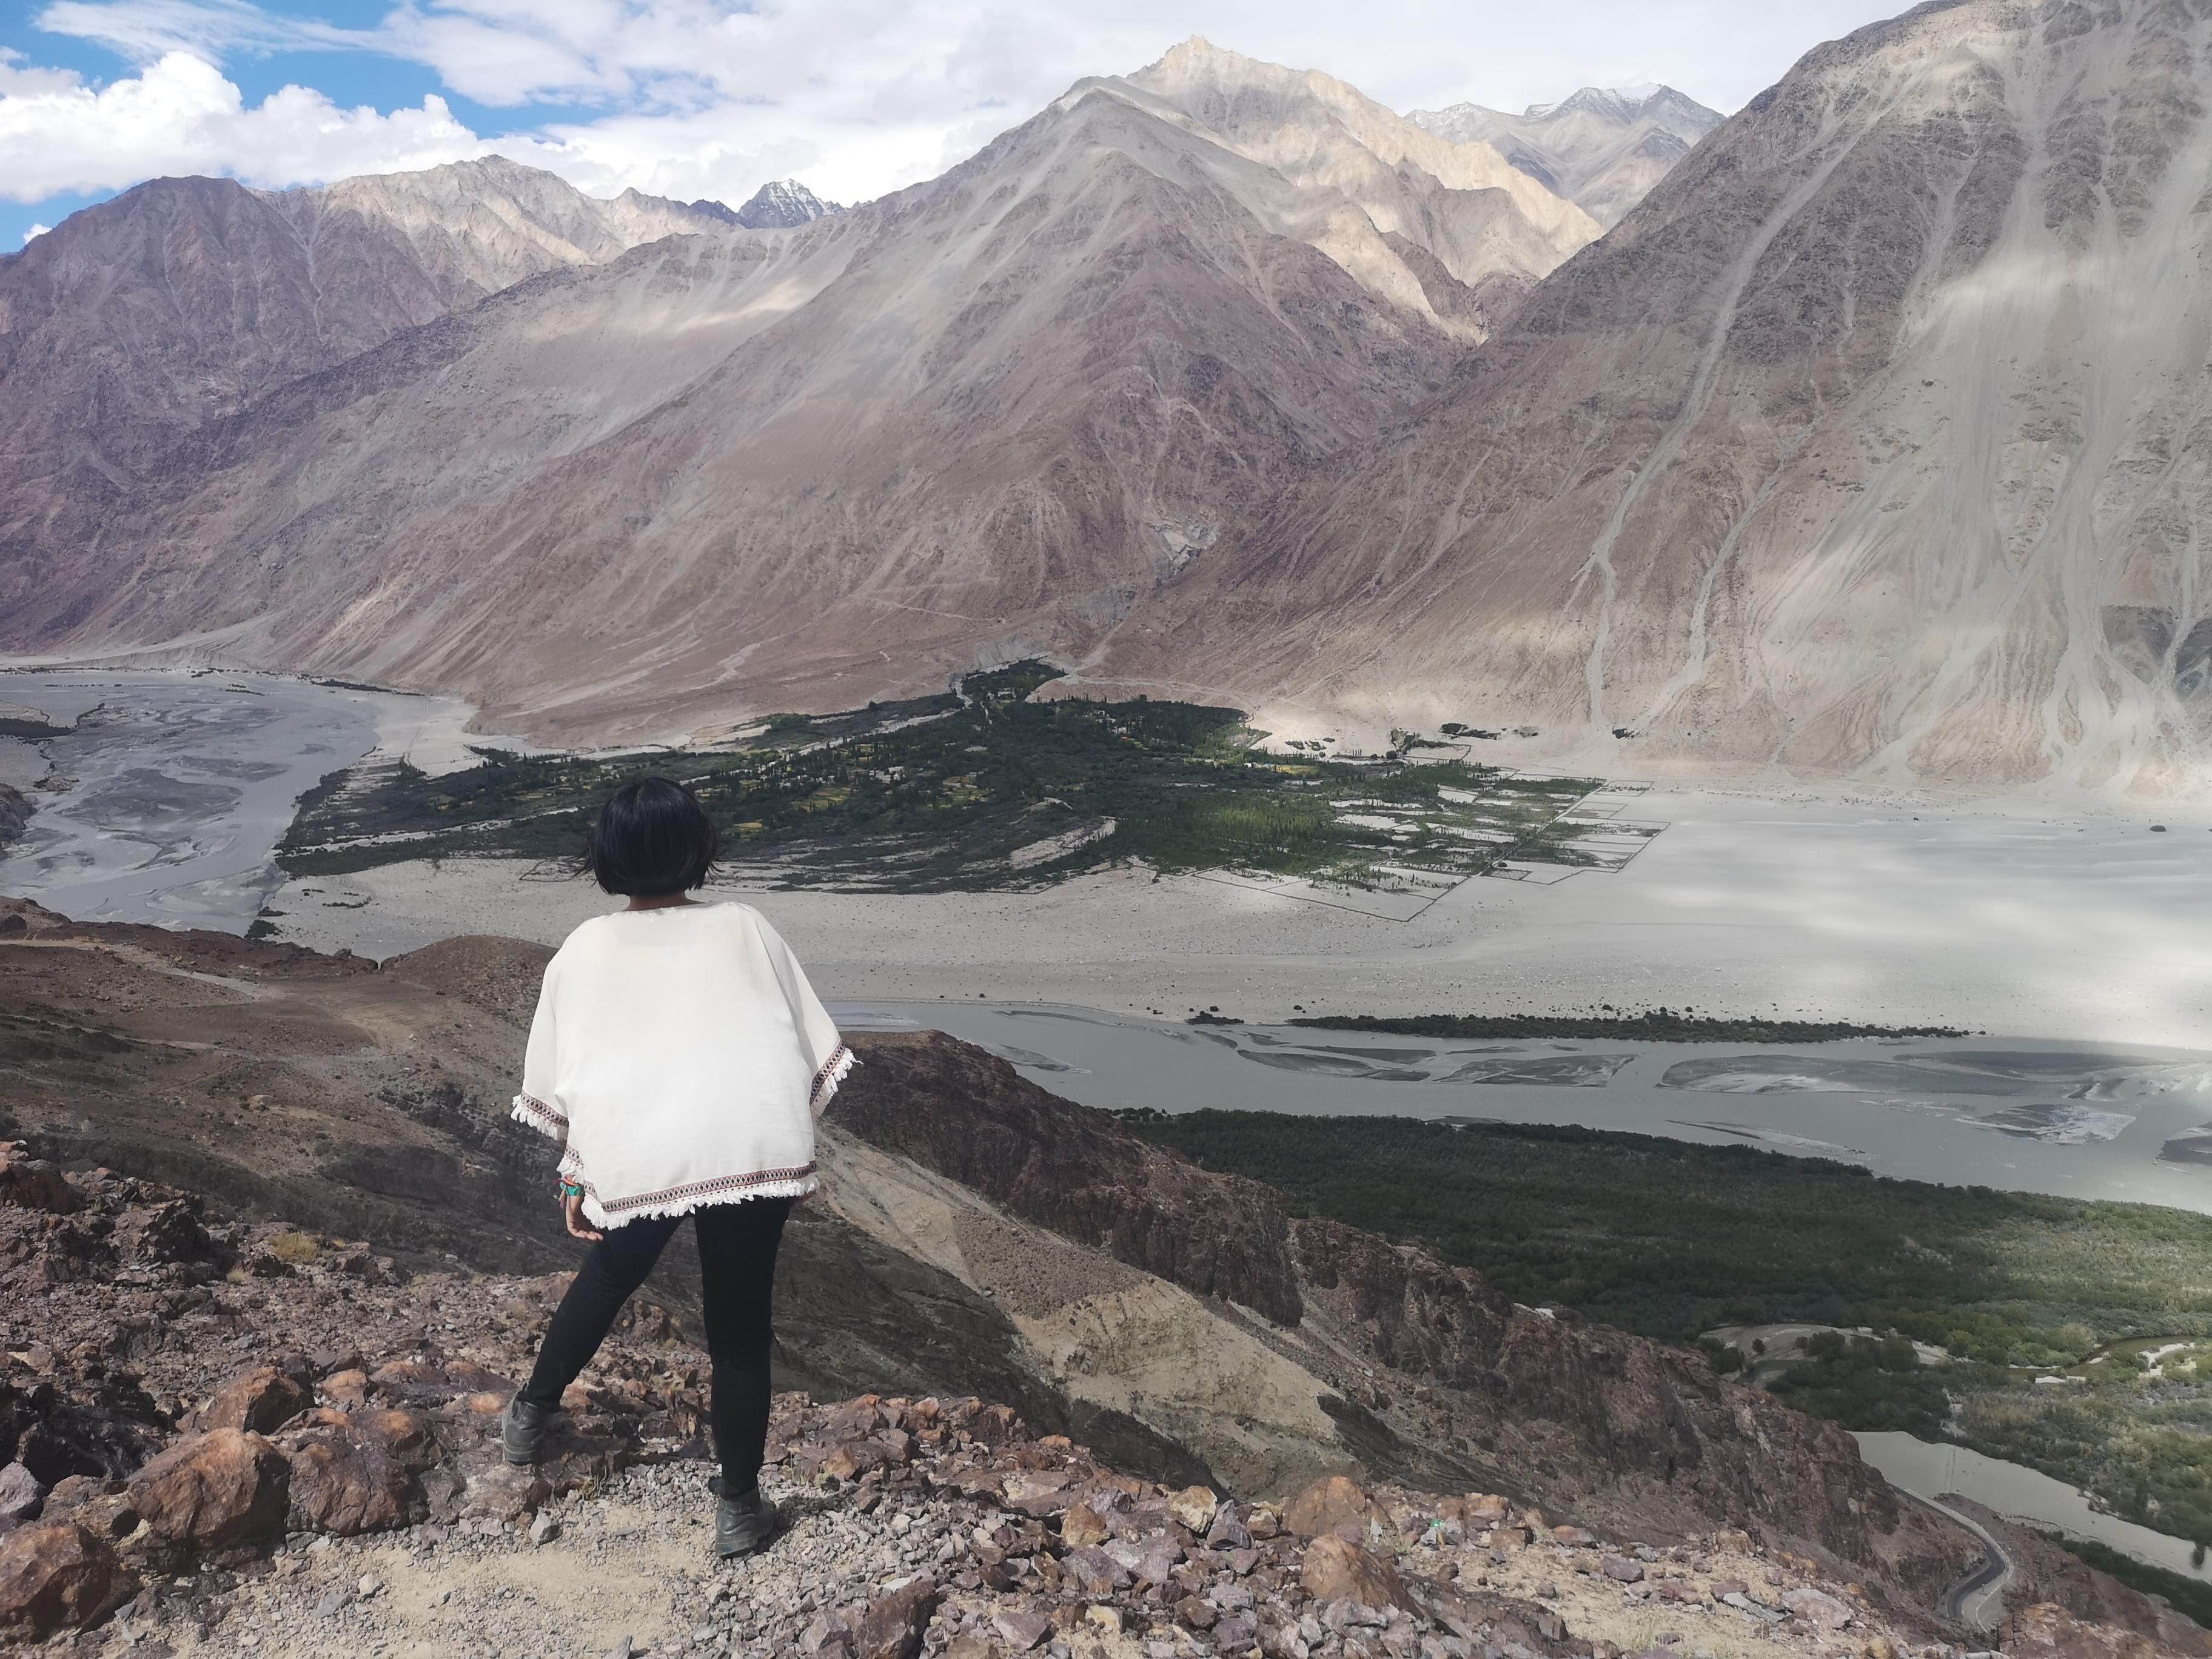 【2019印度自助】如夢似幻的Nubra 河谷包車行